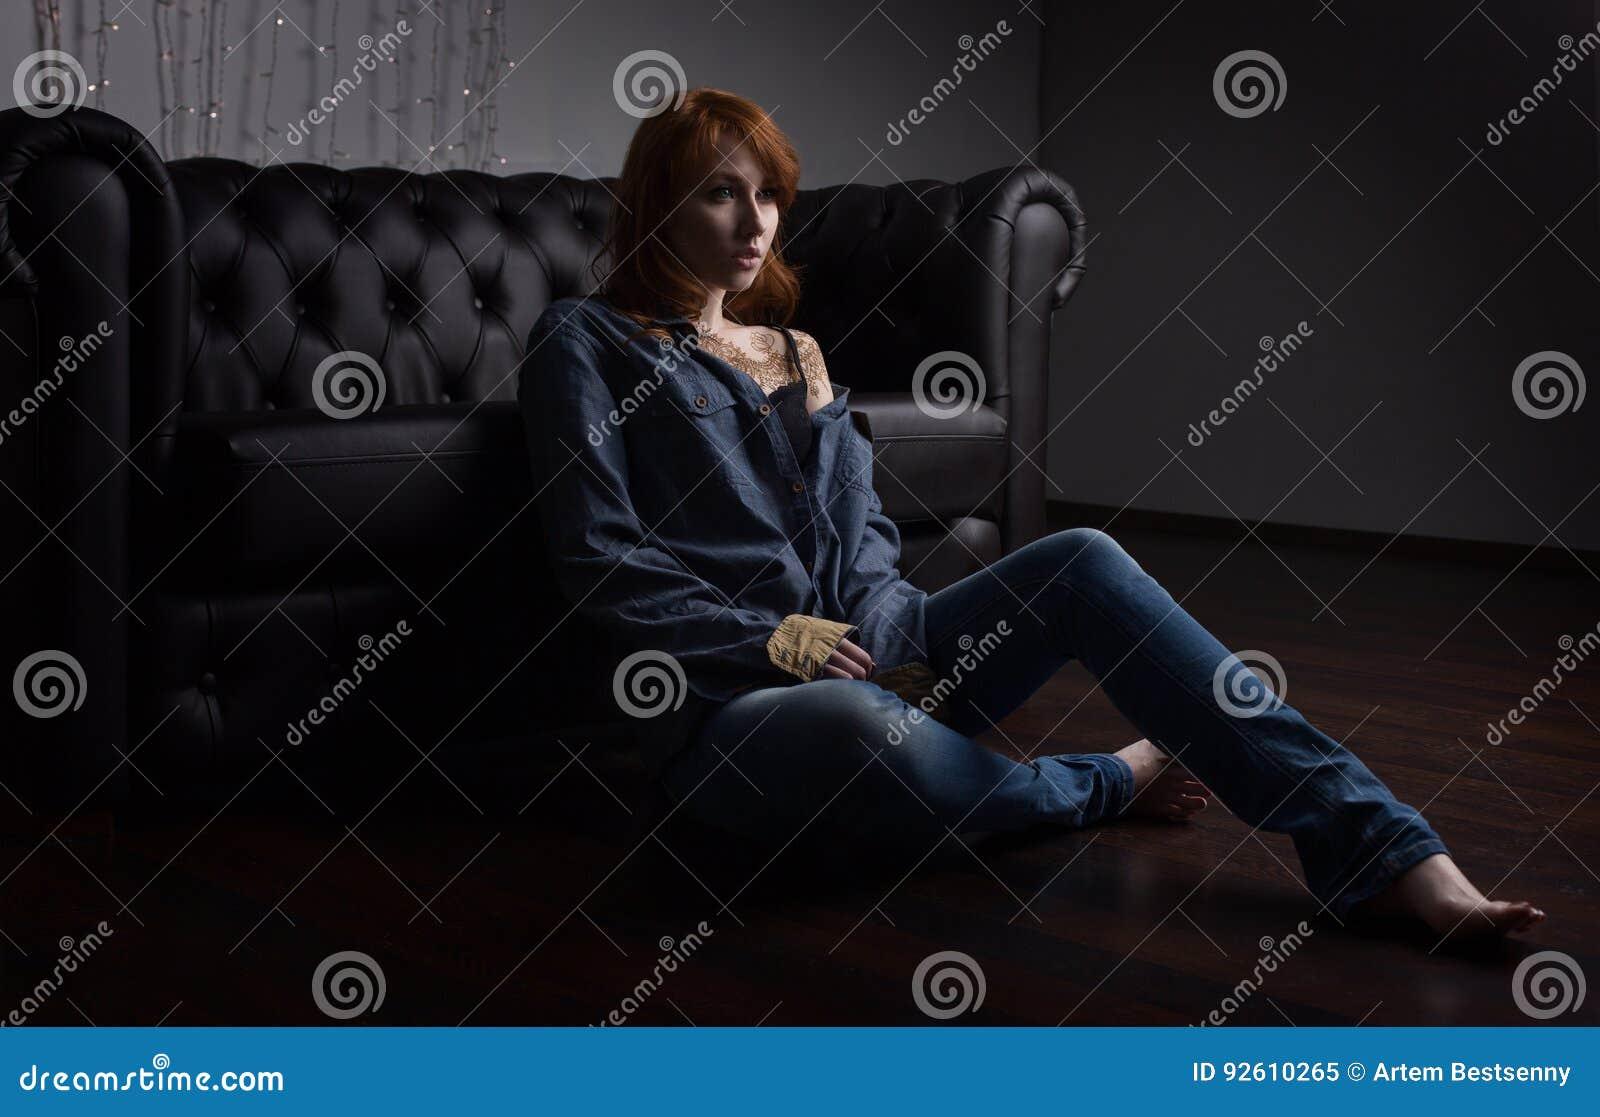 Porträt eines rothaarigen Mädchens in Jeans Hemd und Jeans, die am schwarzen Sofa auf dem Boden sitzen